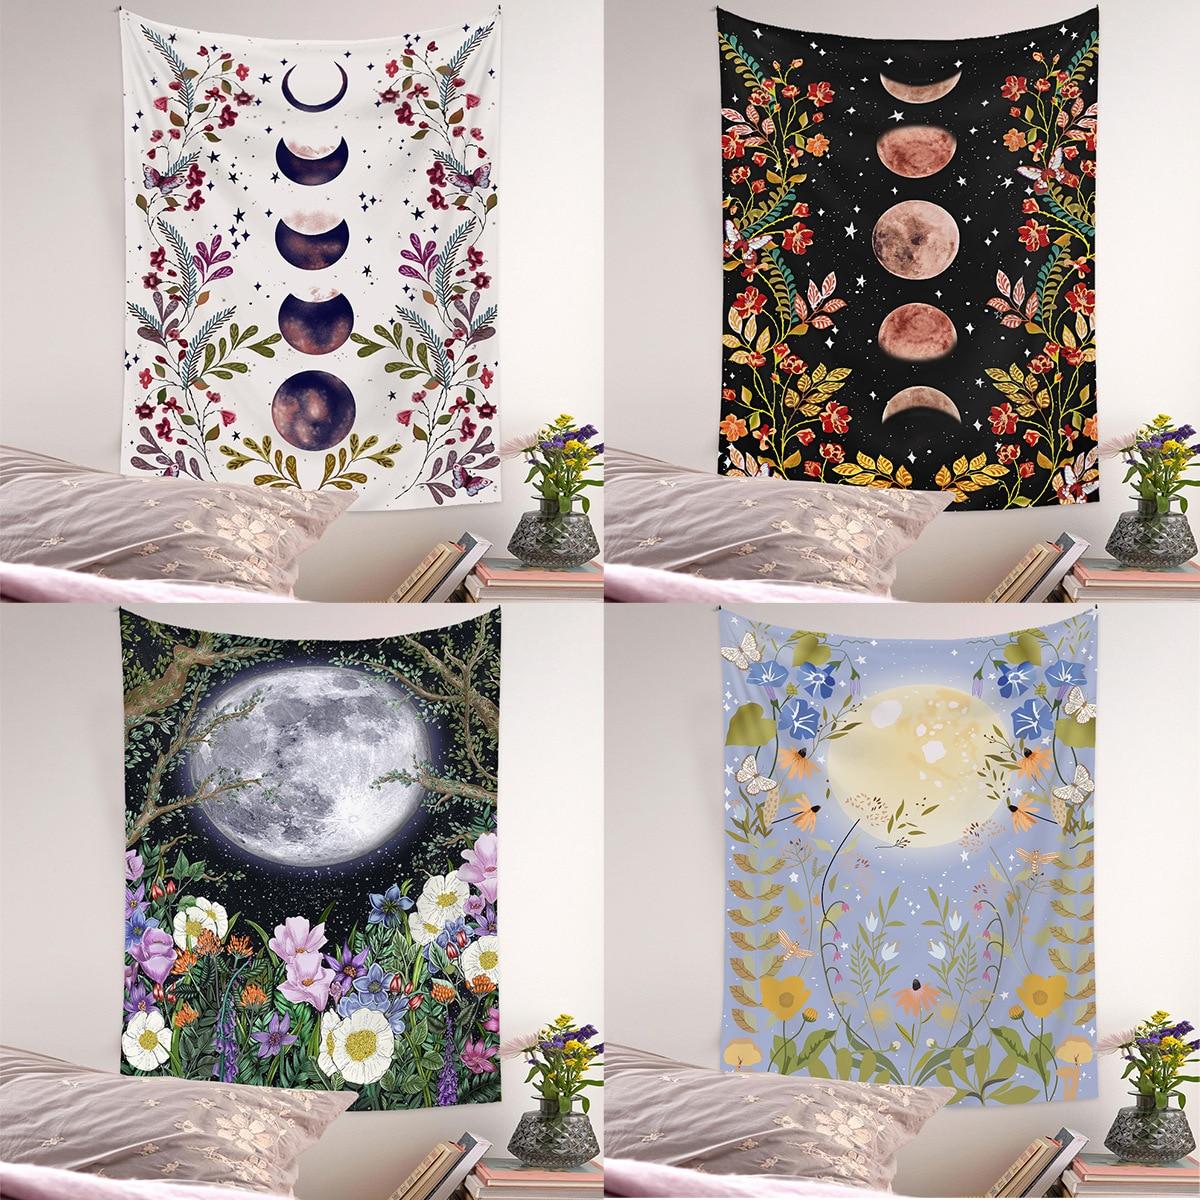 Гобелен с Лунной фазой, настенный цветок, таблица для справки, настенная ткань, богемные гобелены, красочные психоделические INS, домашний де...